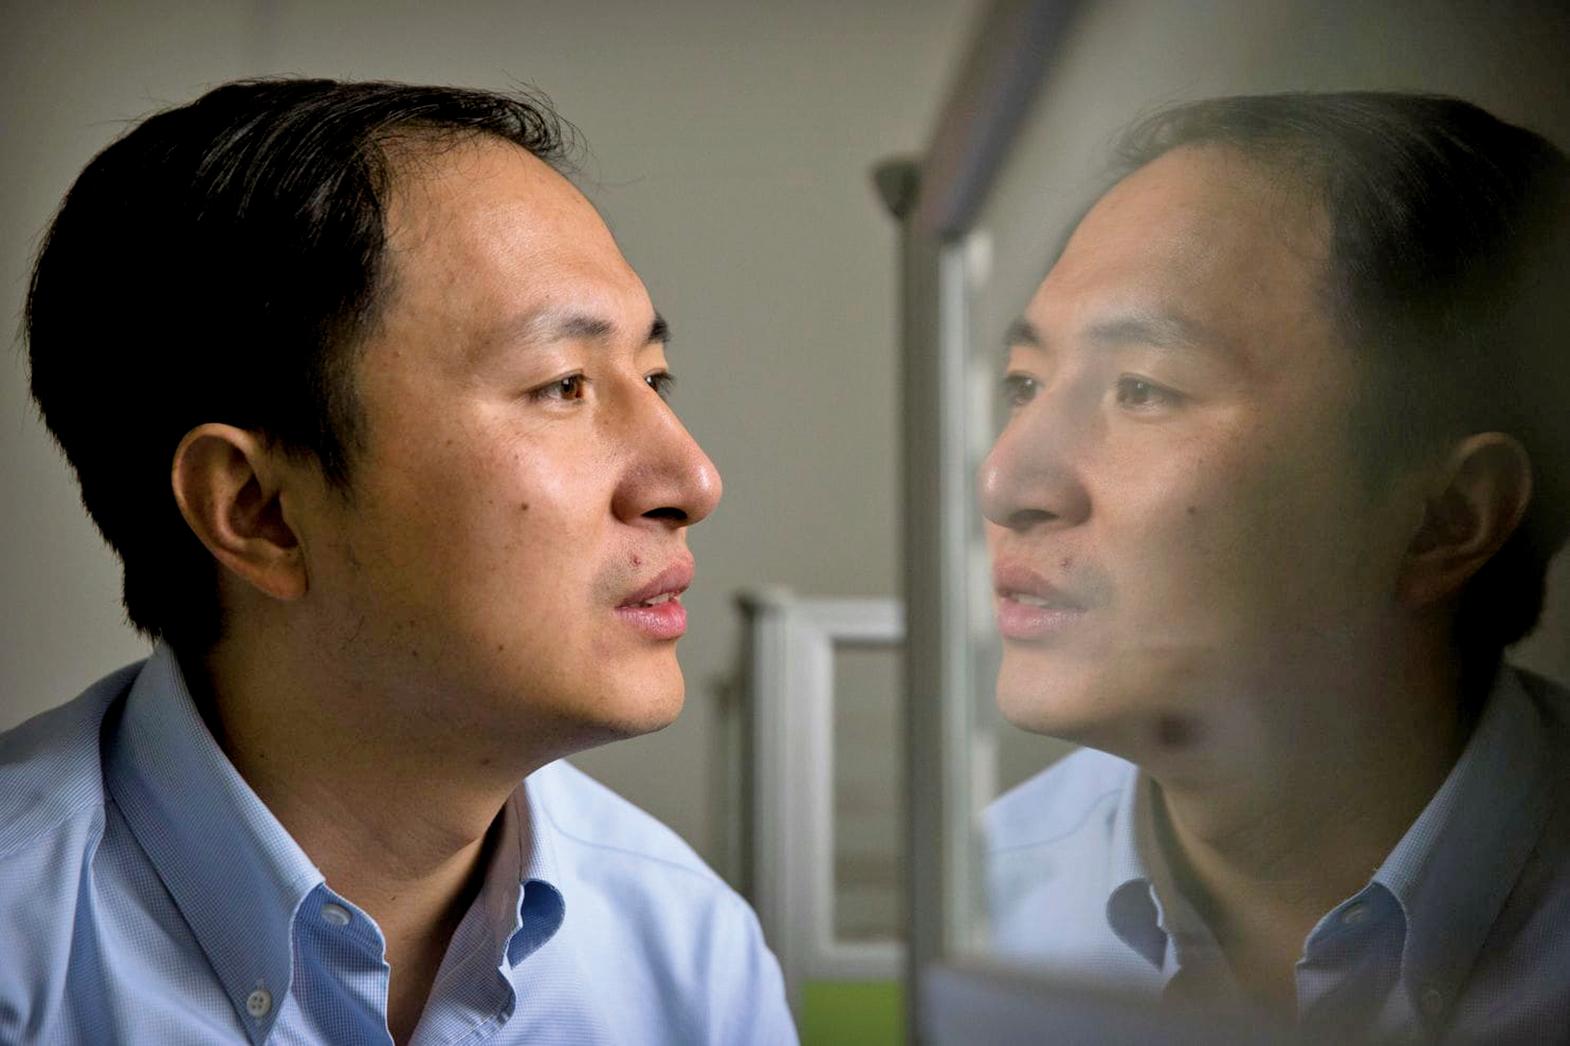 深圳南方科技大學副教授賀建奎宣佈,一對基因編輯雙胞胎女嬰於11月在大陸誕生,為全球首例。由於基因編輯存在巨大技術風險和倫理問題,遭到國內外學術界一致批評。(Mark Schiefelbein/Associated Press)